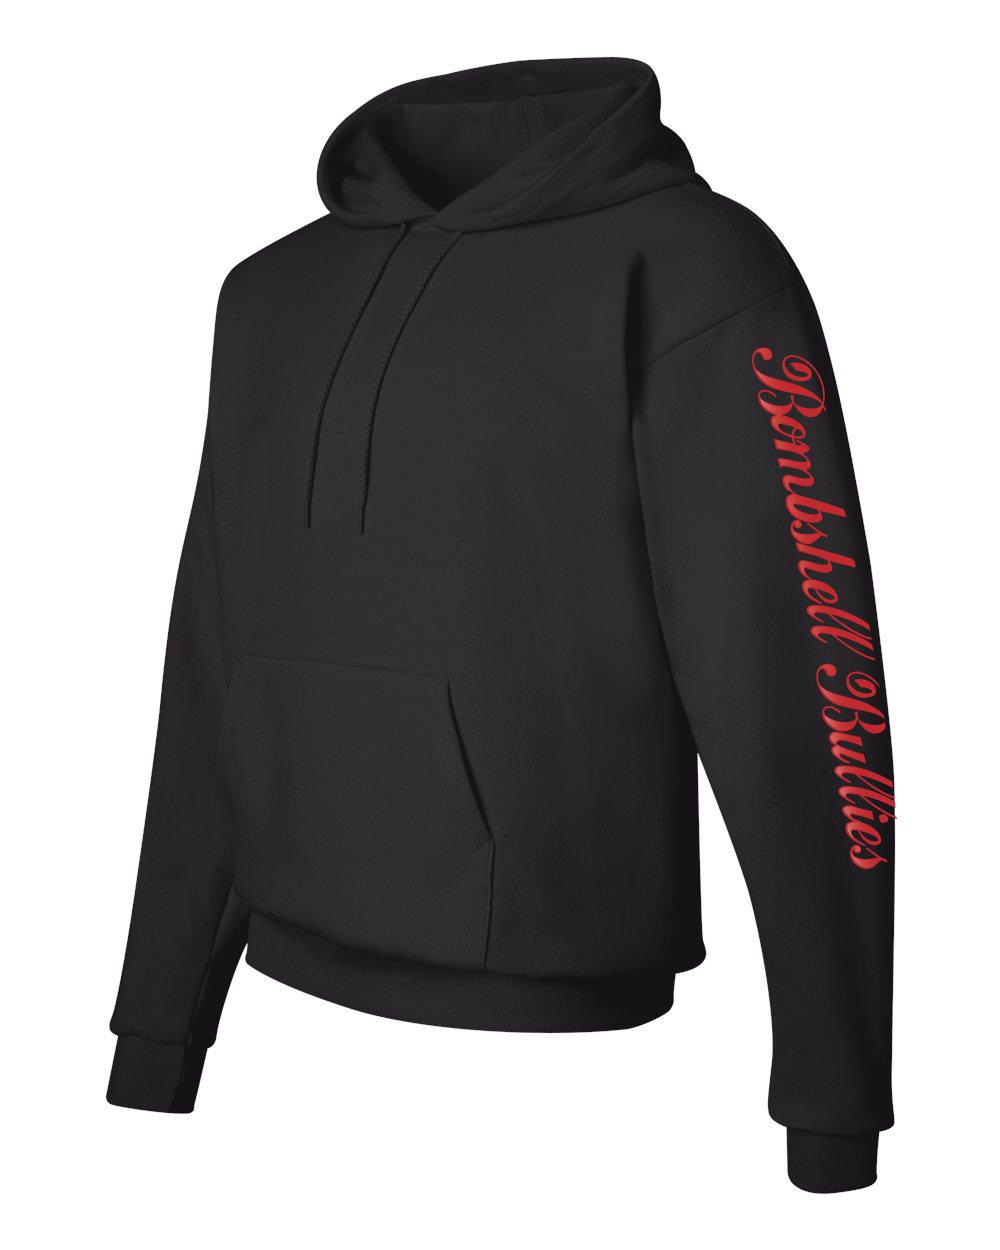 Bombshell Unisex Pullover Sweatshirt 00084